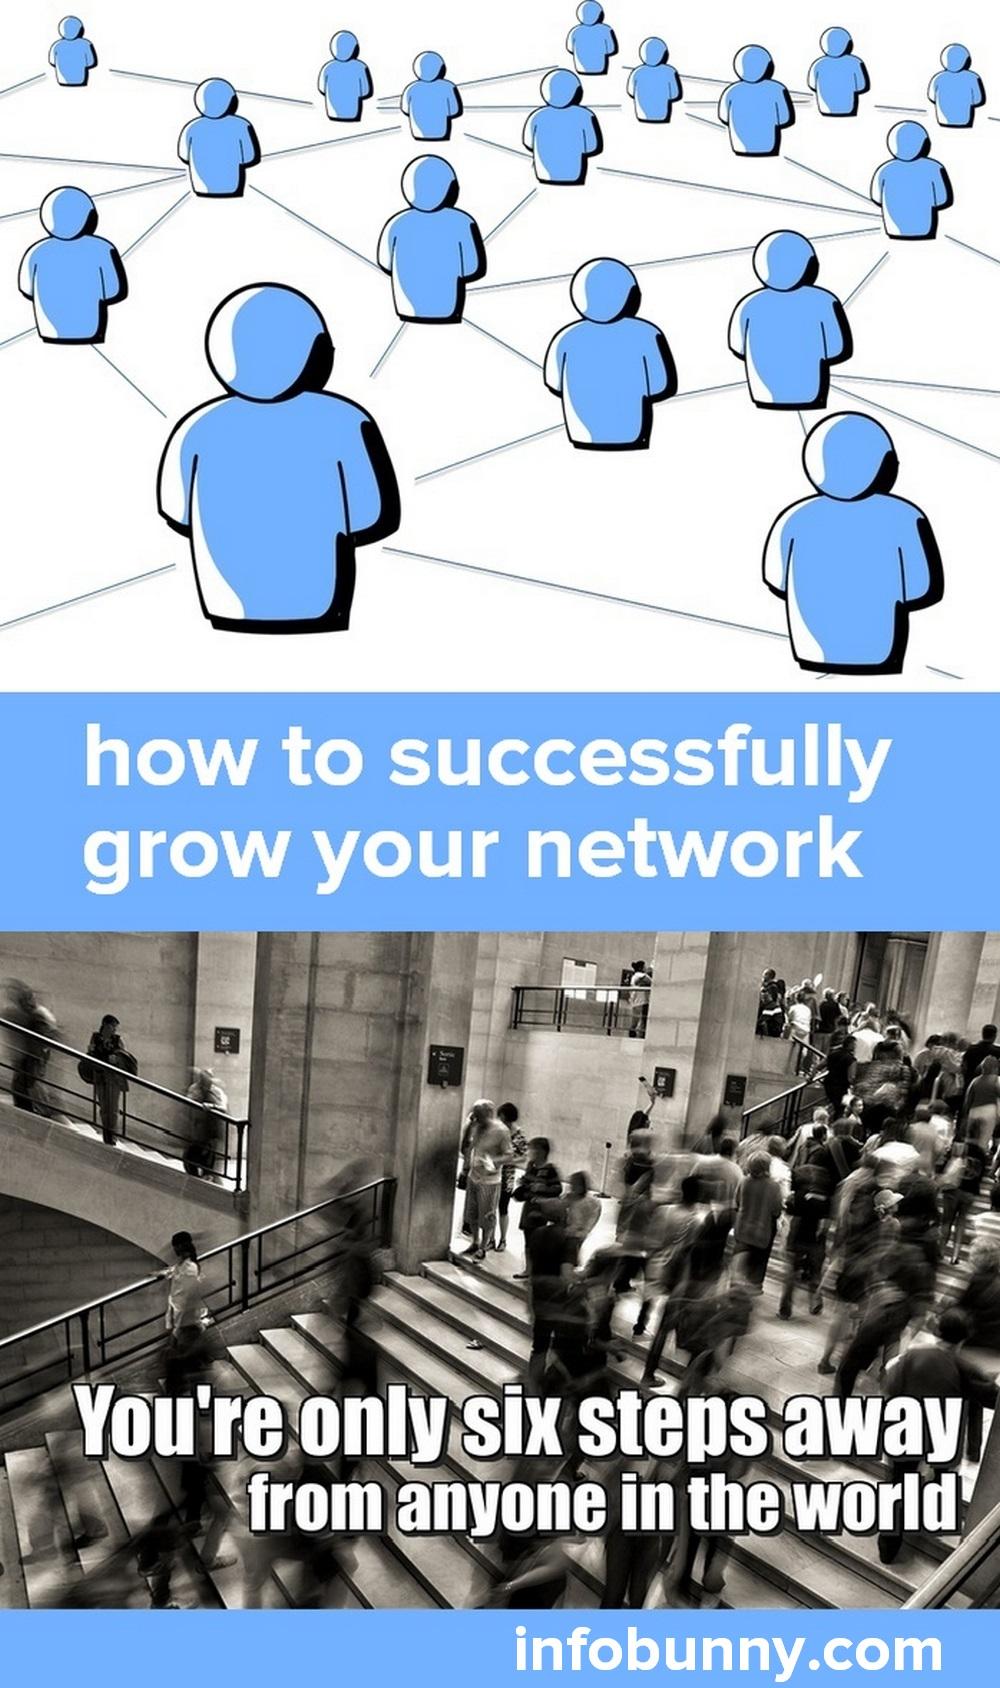 Phát triển mạng lưới của bạn: Bạn chỉ cách sáu bước từ bất kỳ ai trong ... 2